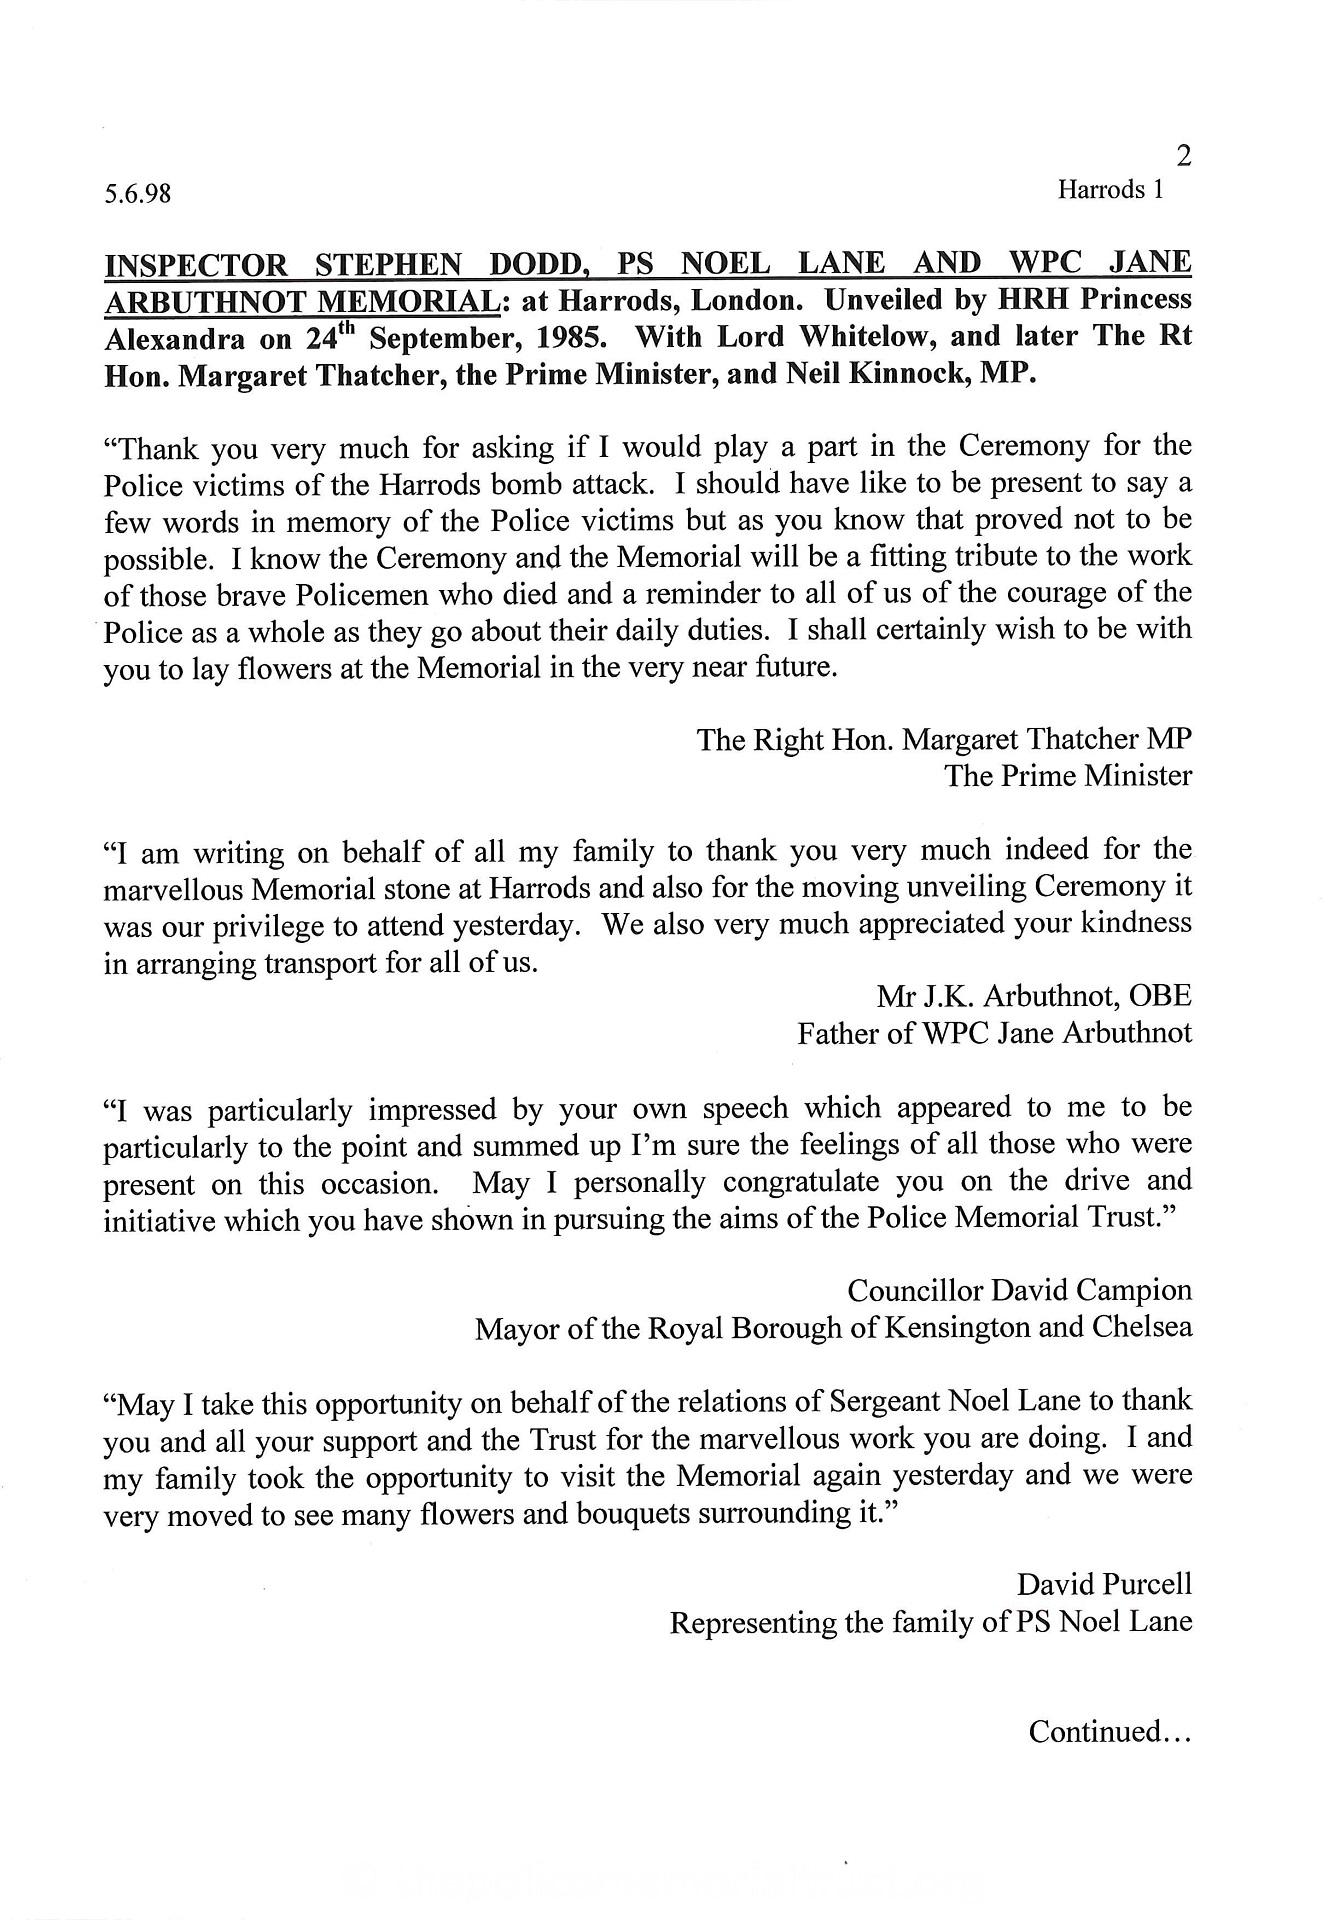 Dodd Lane Arbuthnot Letter 1